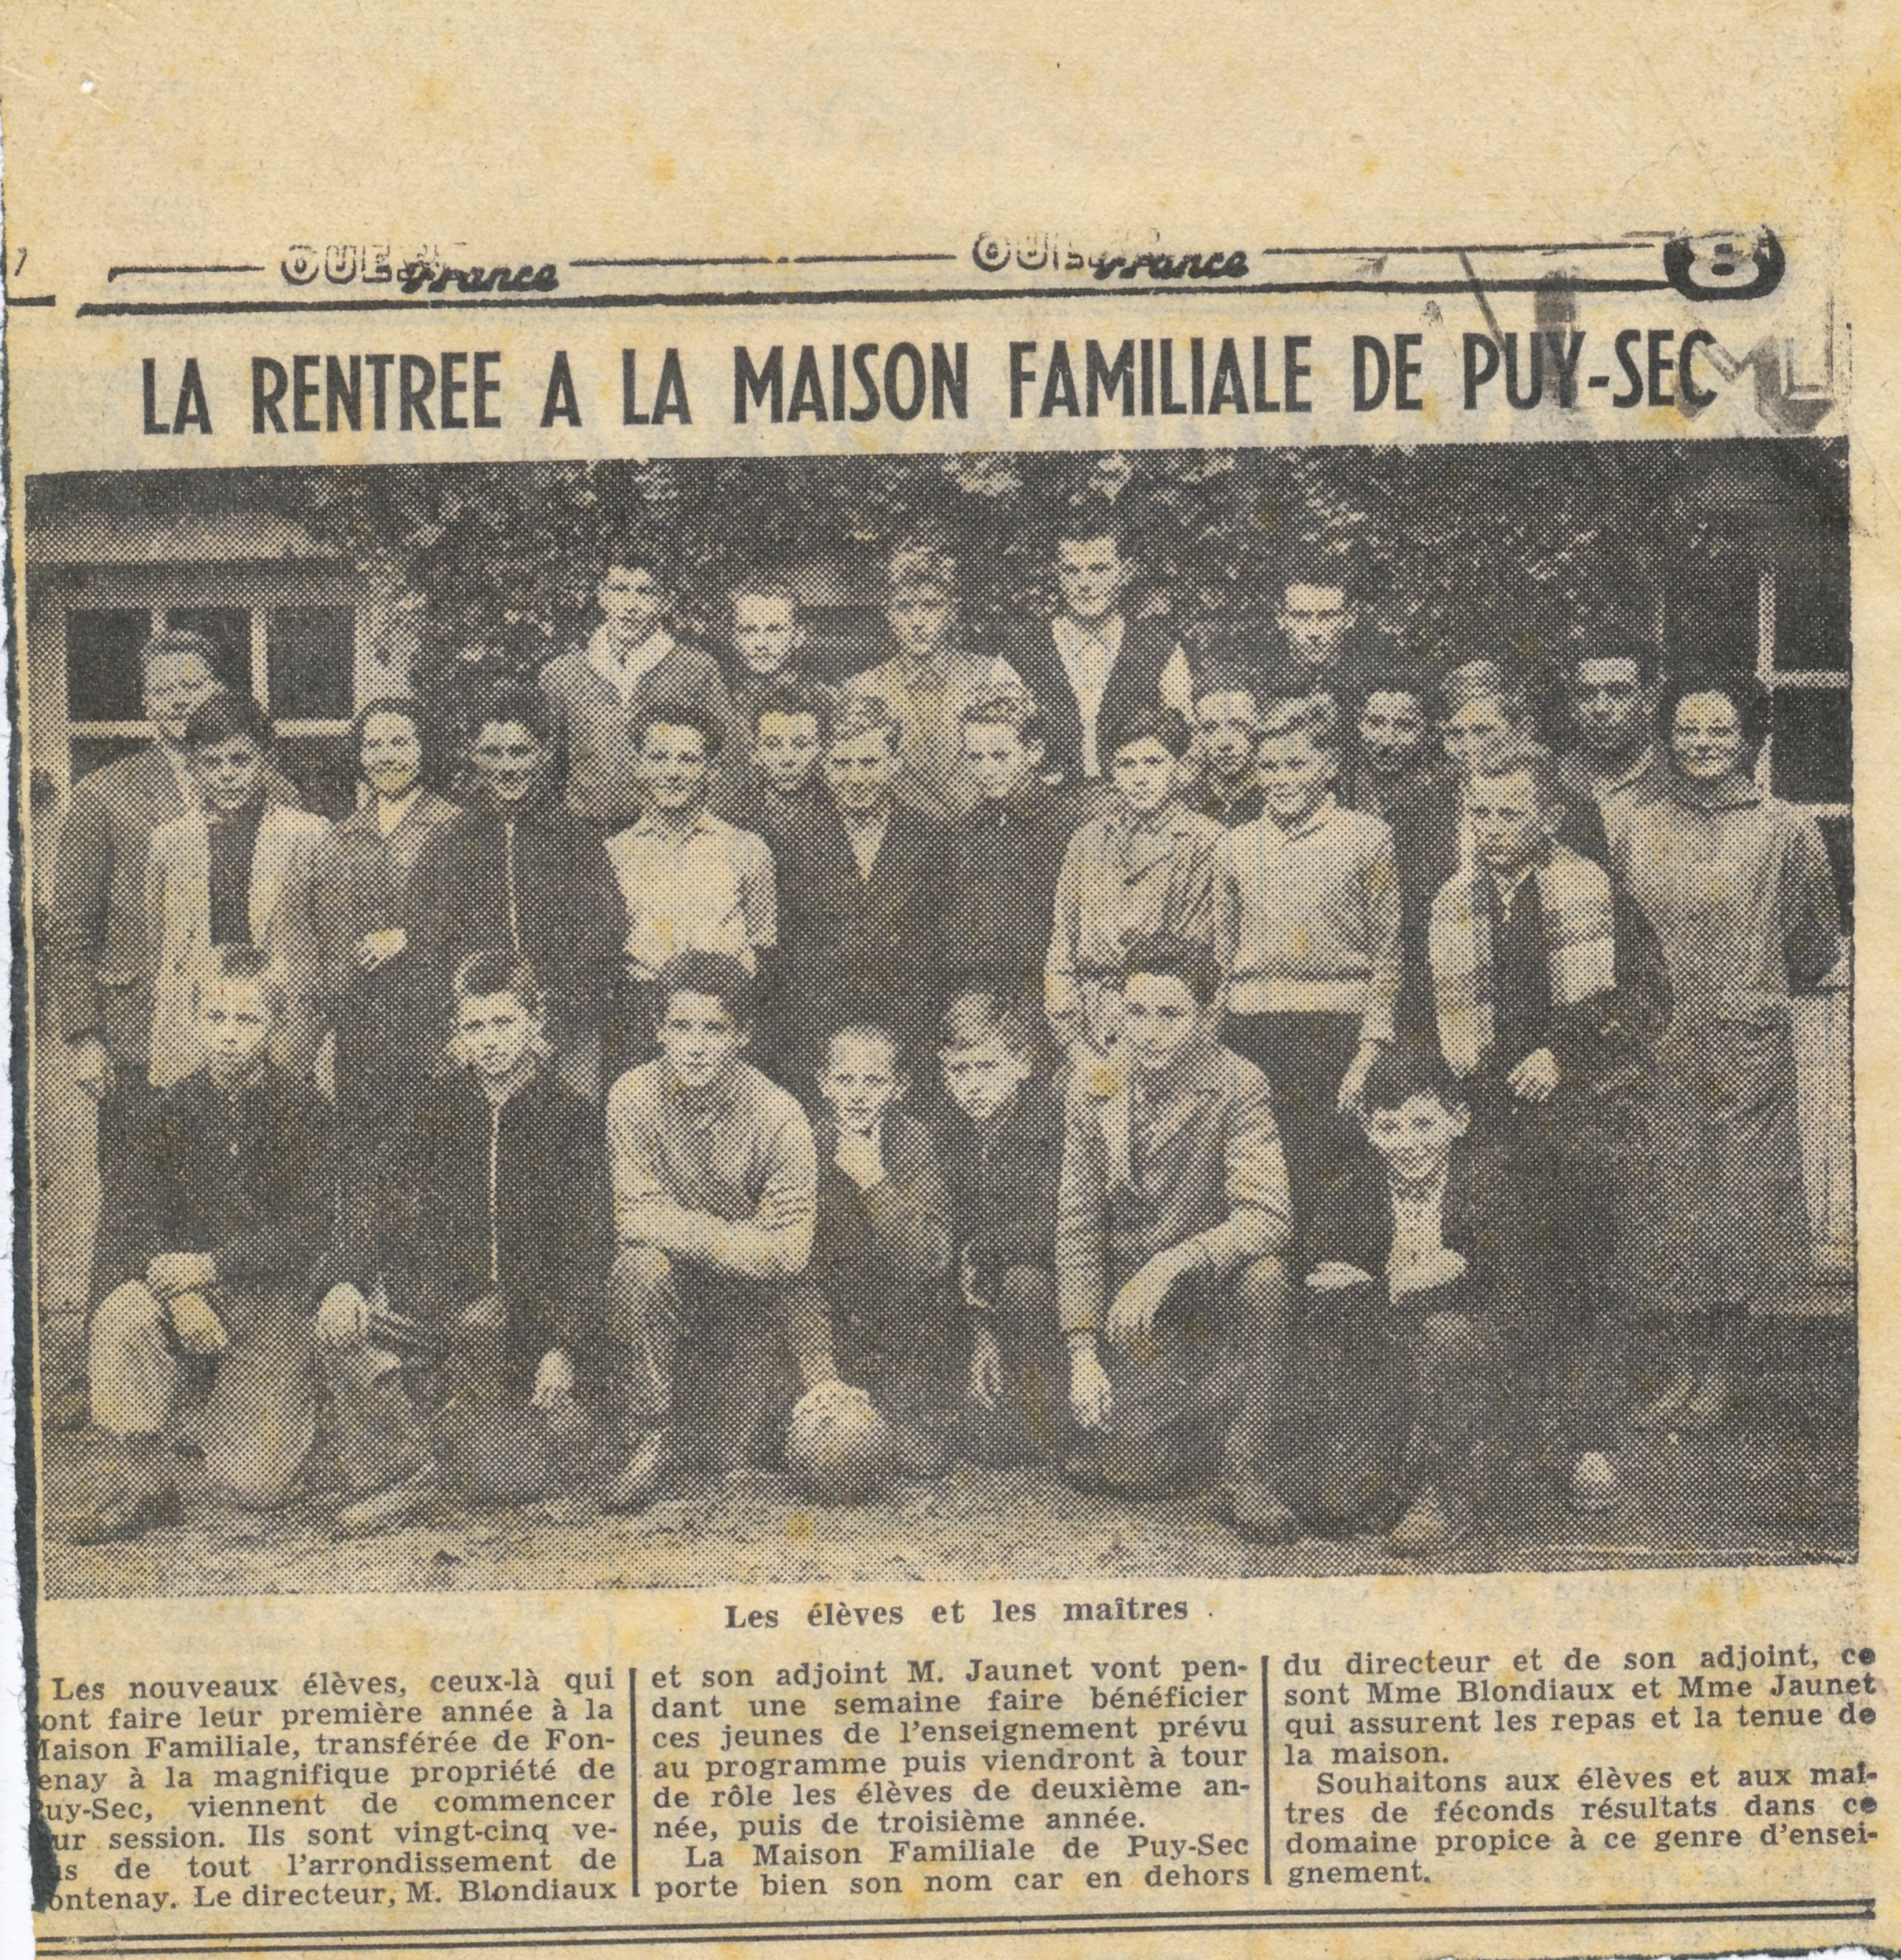 Archives anciens élèves mfr puy-sec 1954 article rentrées